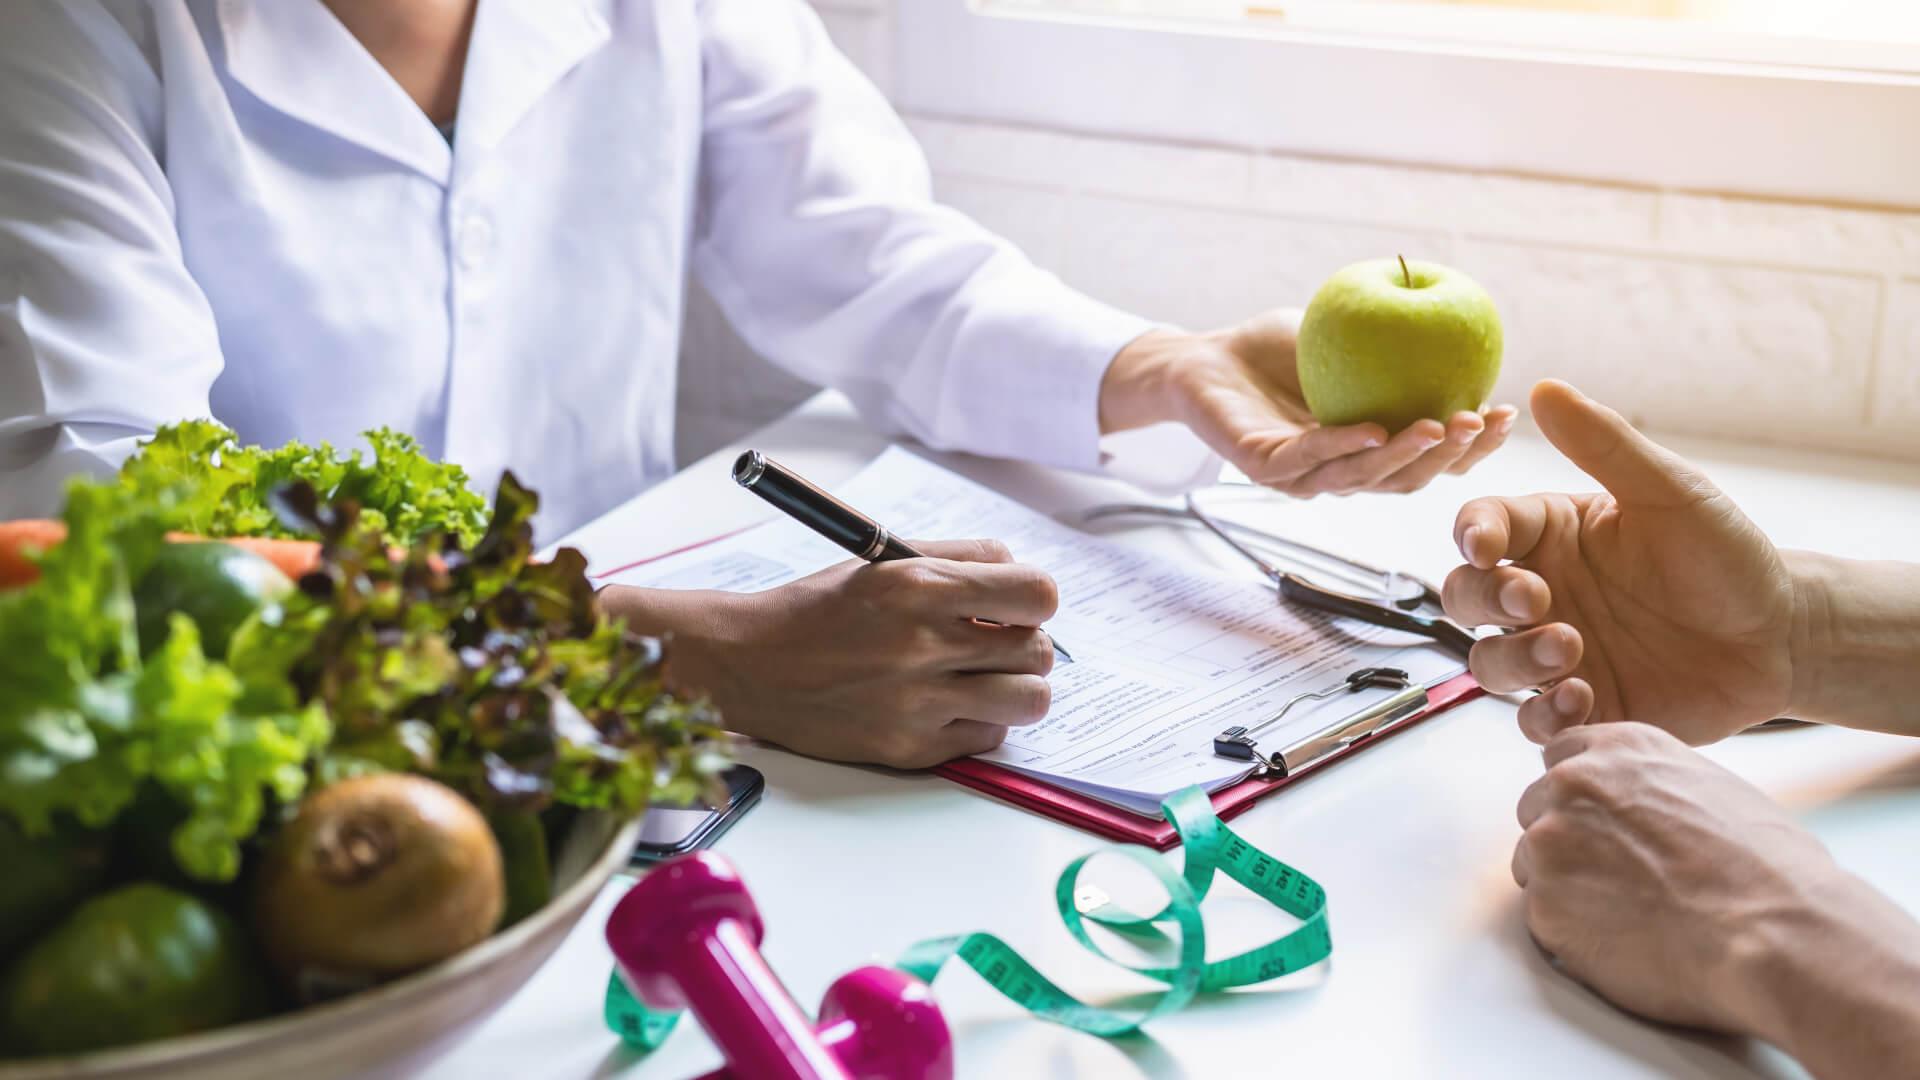 Öğrenci Kariyeri - Meslek Tanıtımları: 8 Maddede Beslenme Ve Diyetetik Bölümü